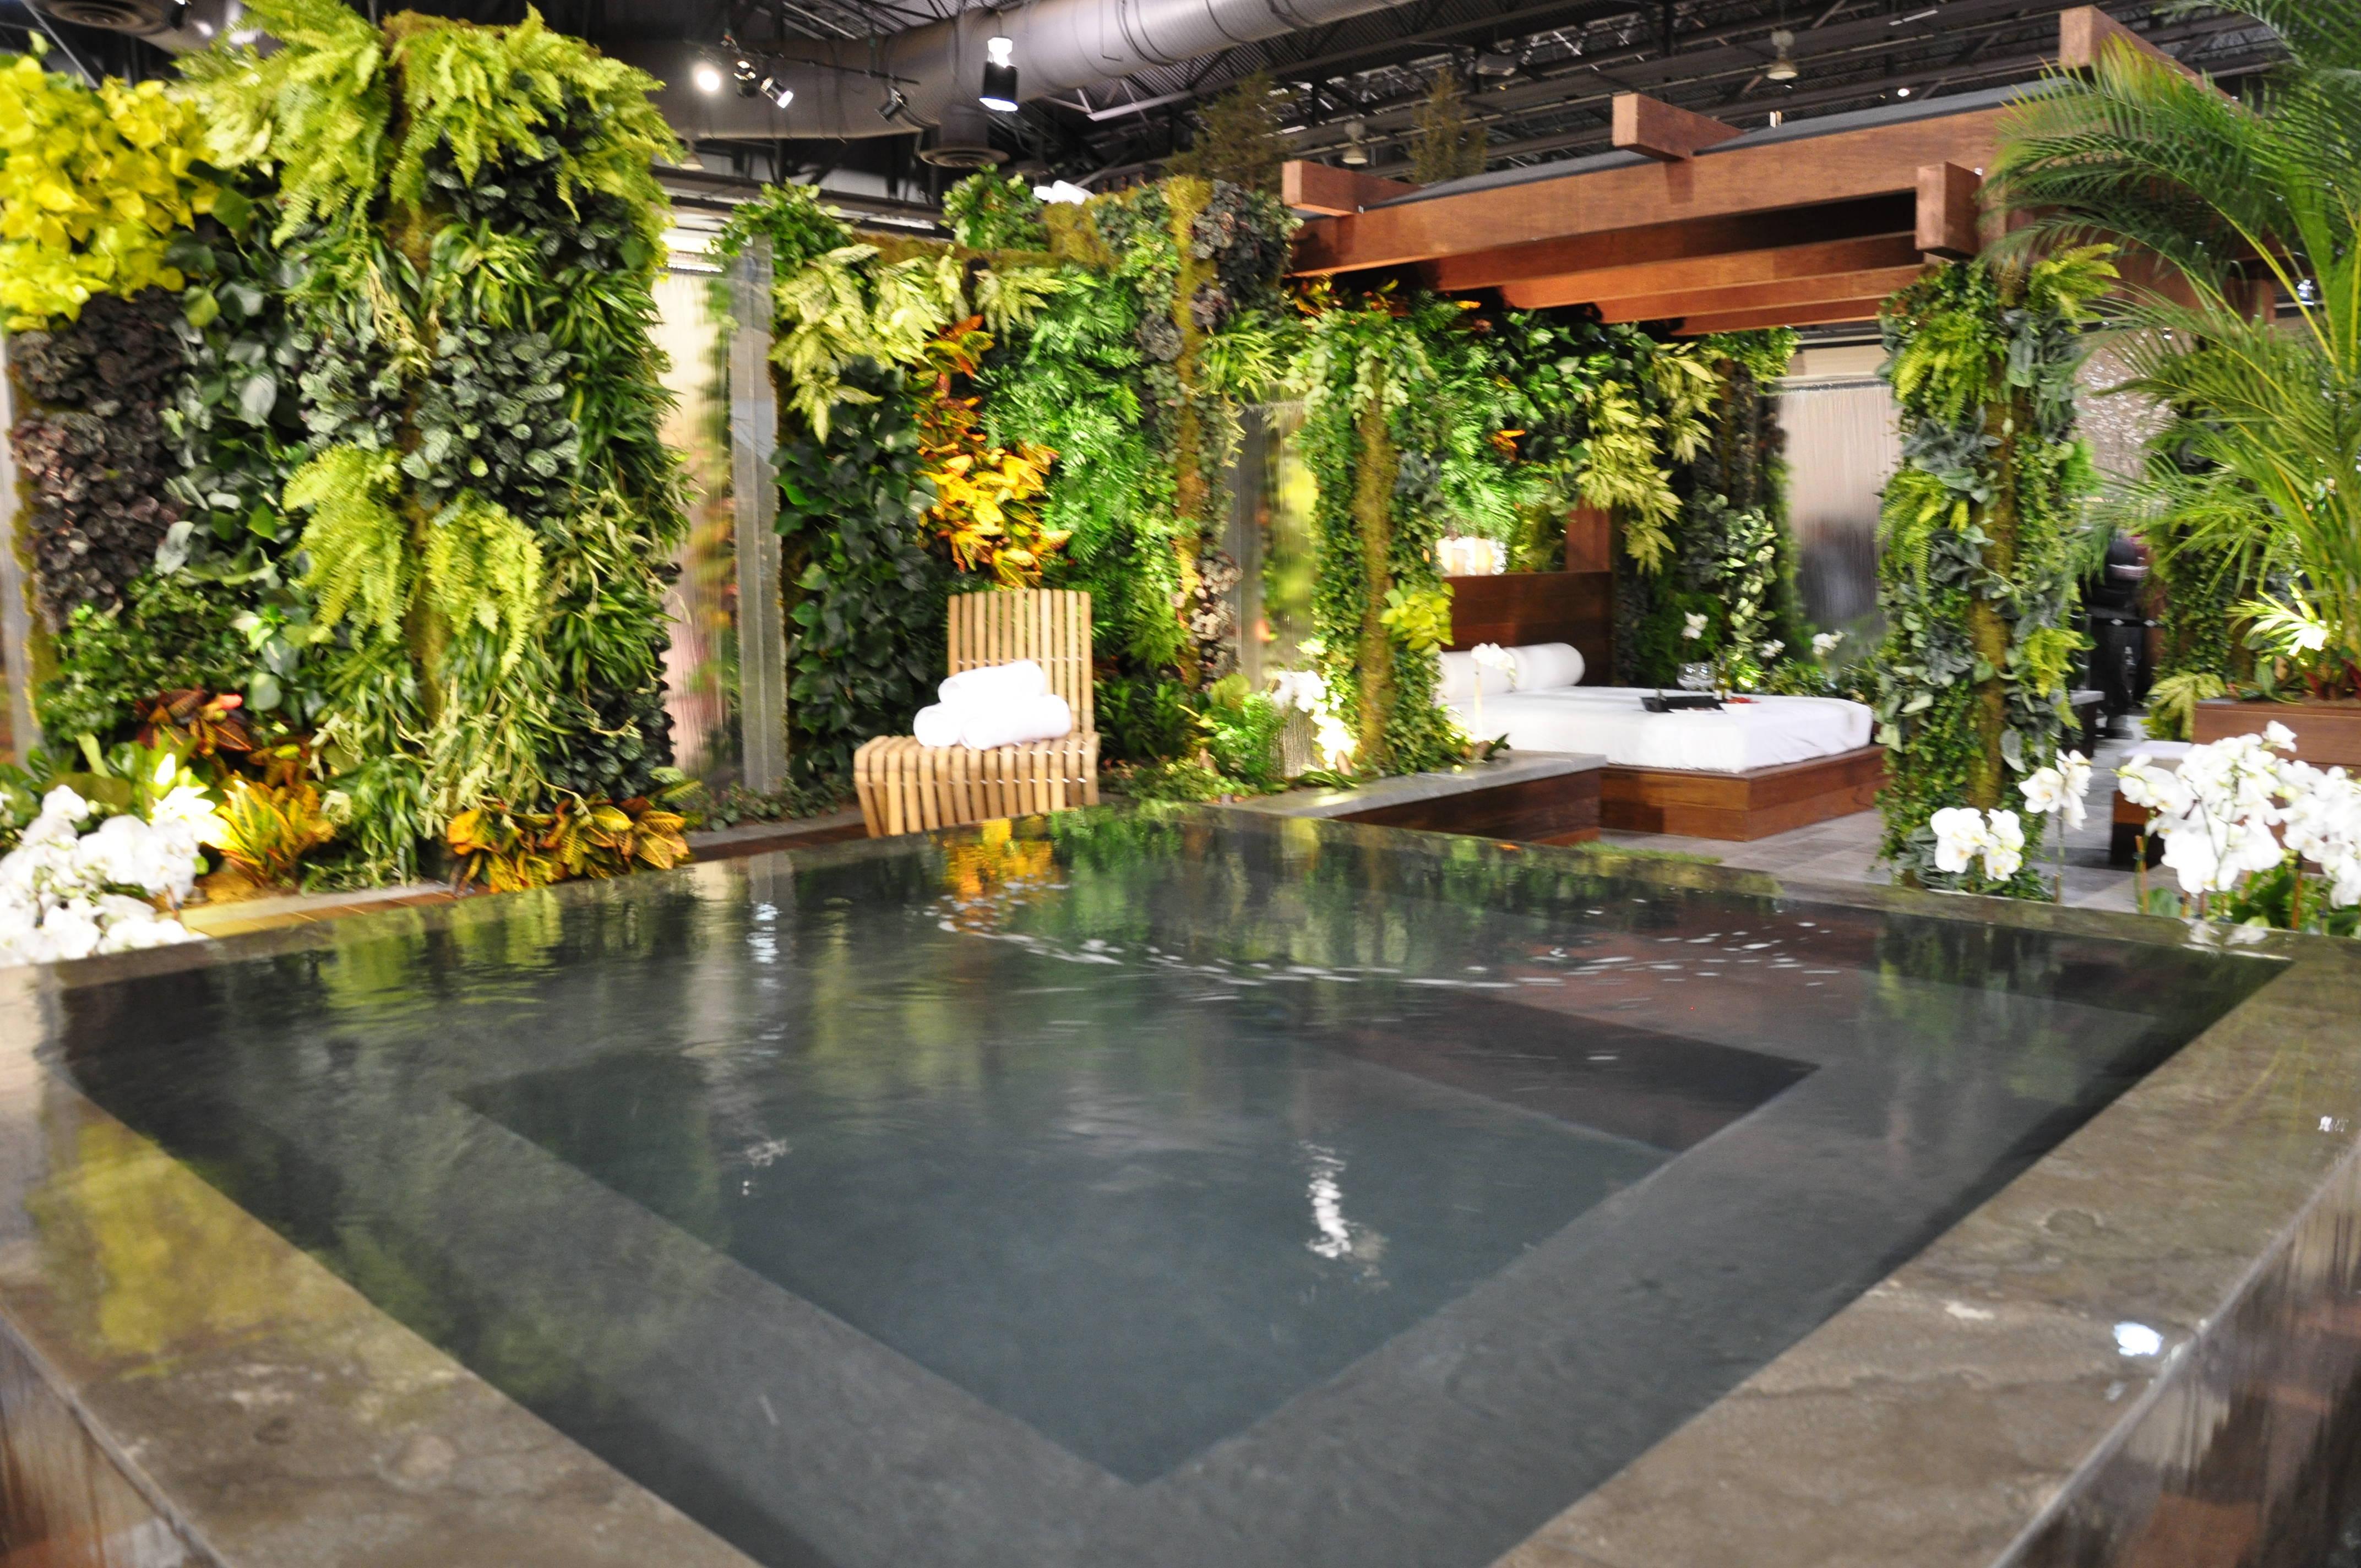 Lucruri pe care poate nu le stiati despre umiditatea din for Vegetable garden designs south africa